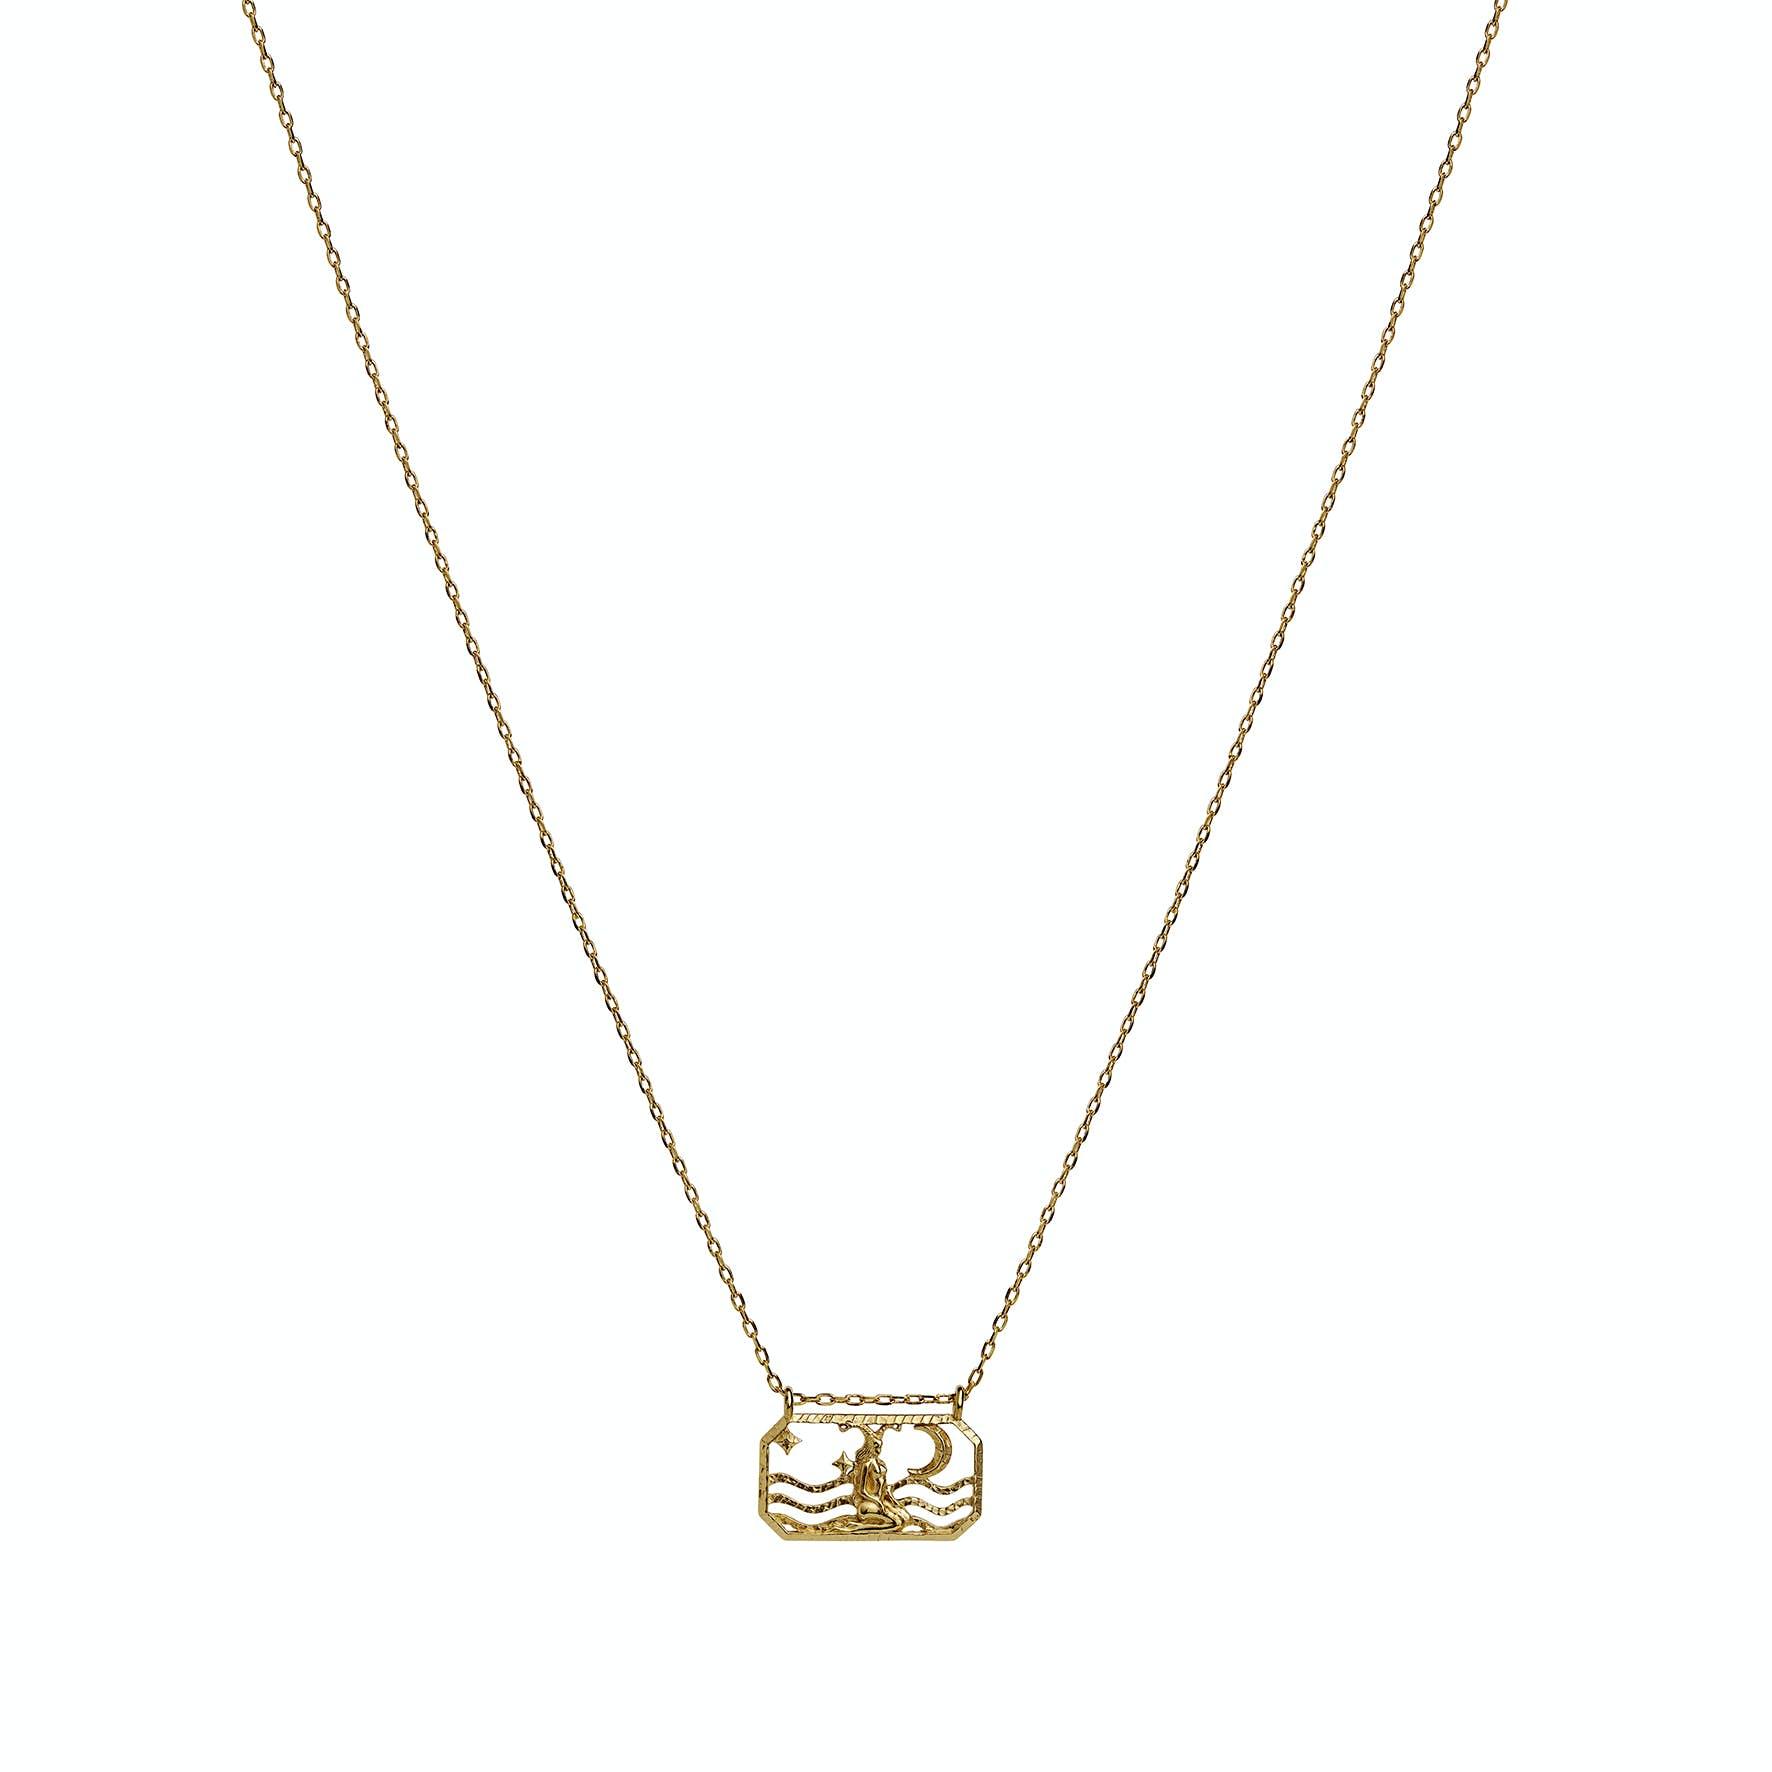 Zodiac Capricorn Necklace (Dec 22 - Jan 19) von Maanesten in Vergoldet-Silber Sterling 925